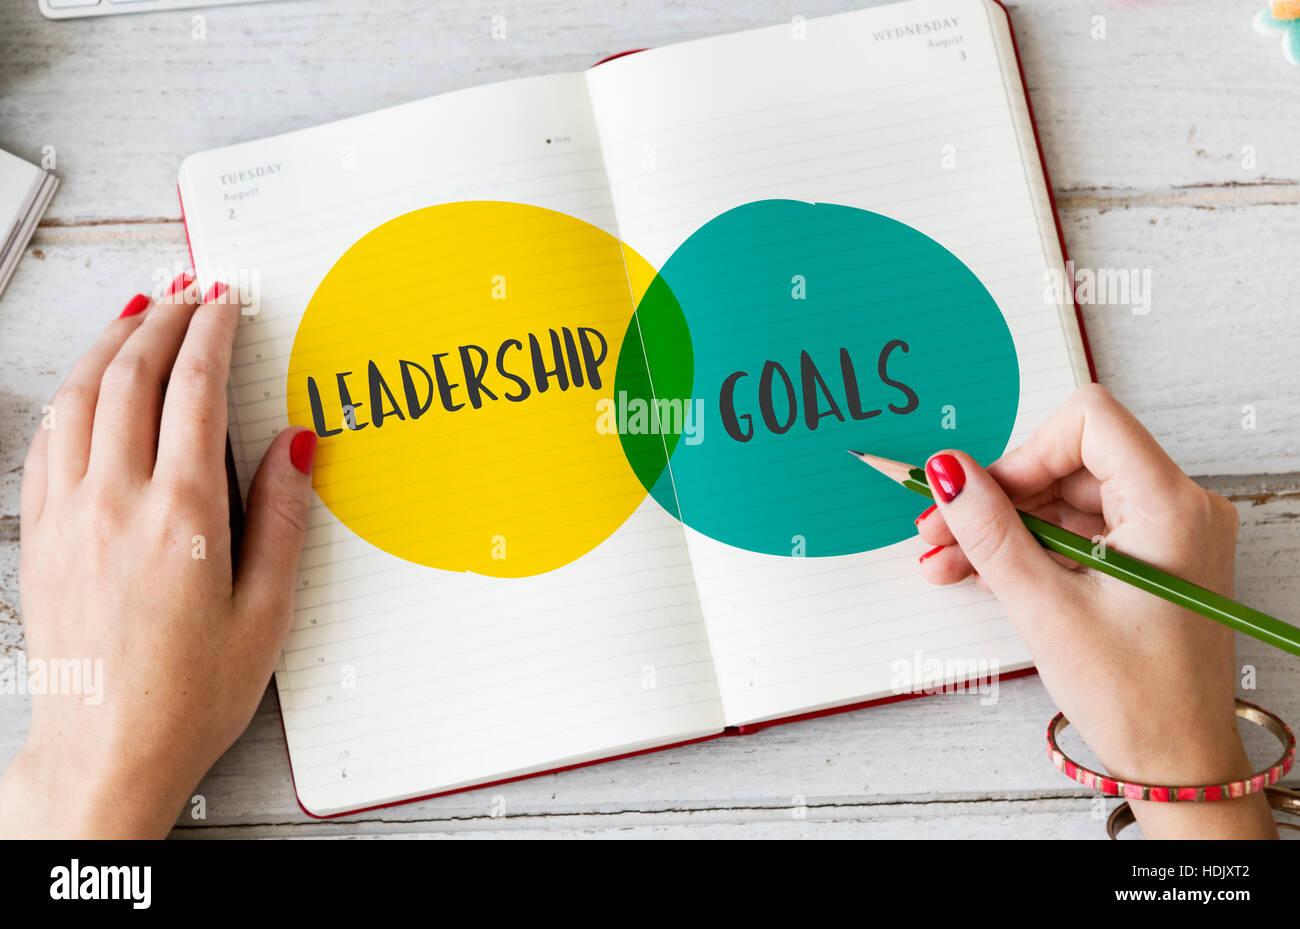 Obiettivi della leadership idee motivazione cerchi Concept Immagini Stock